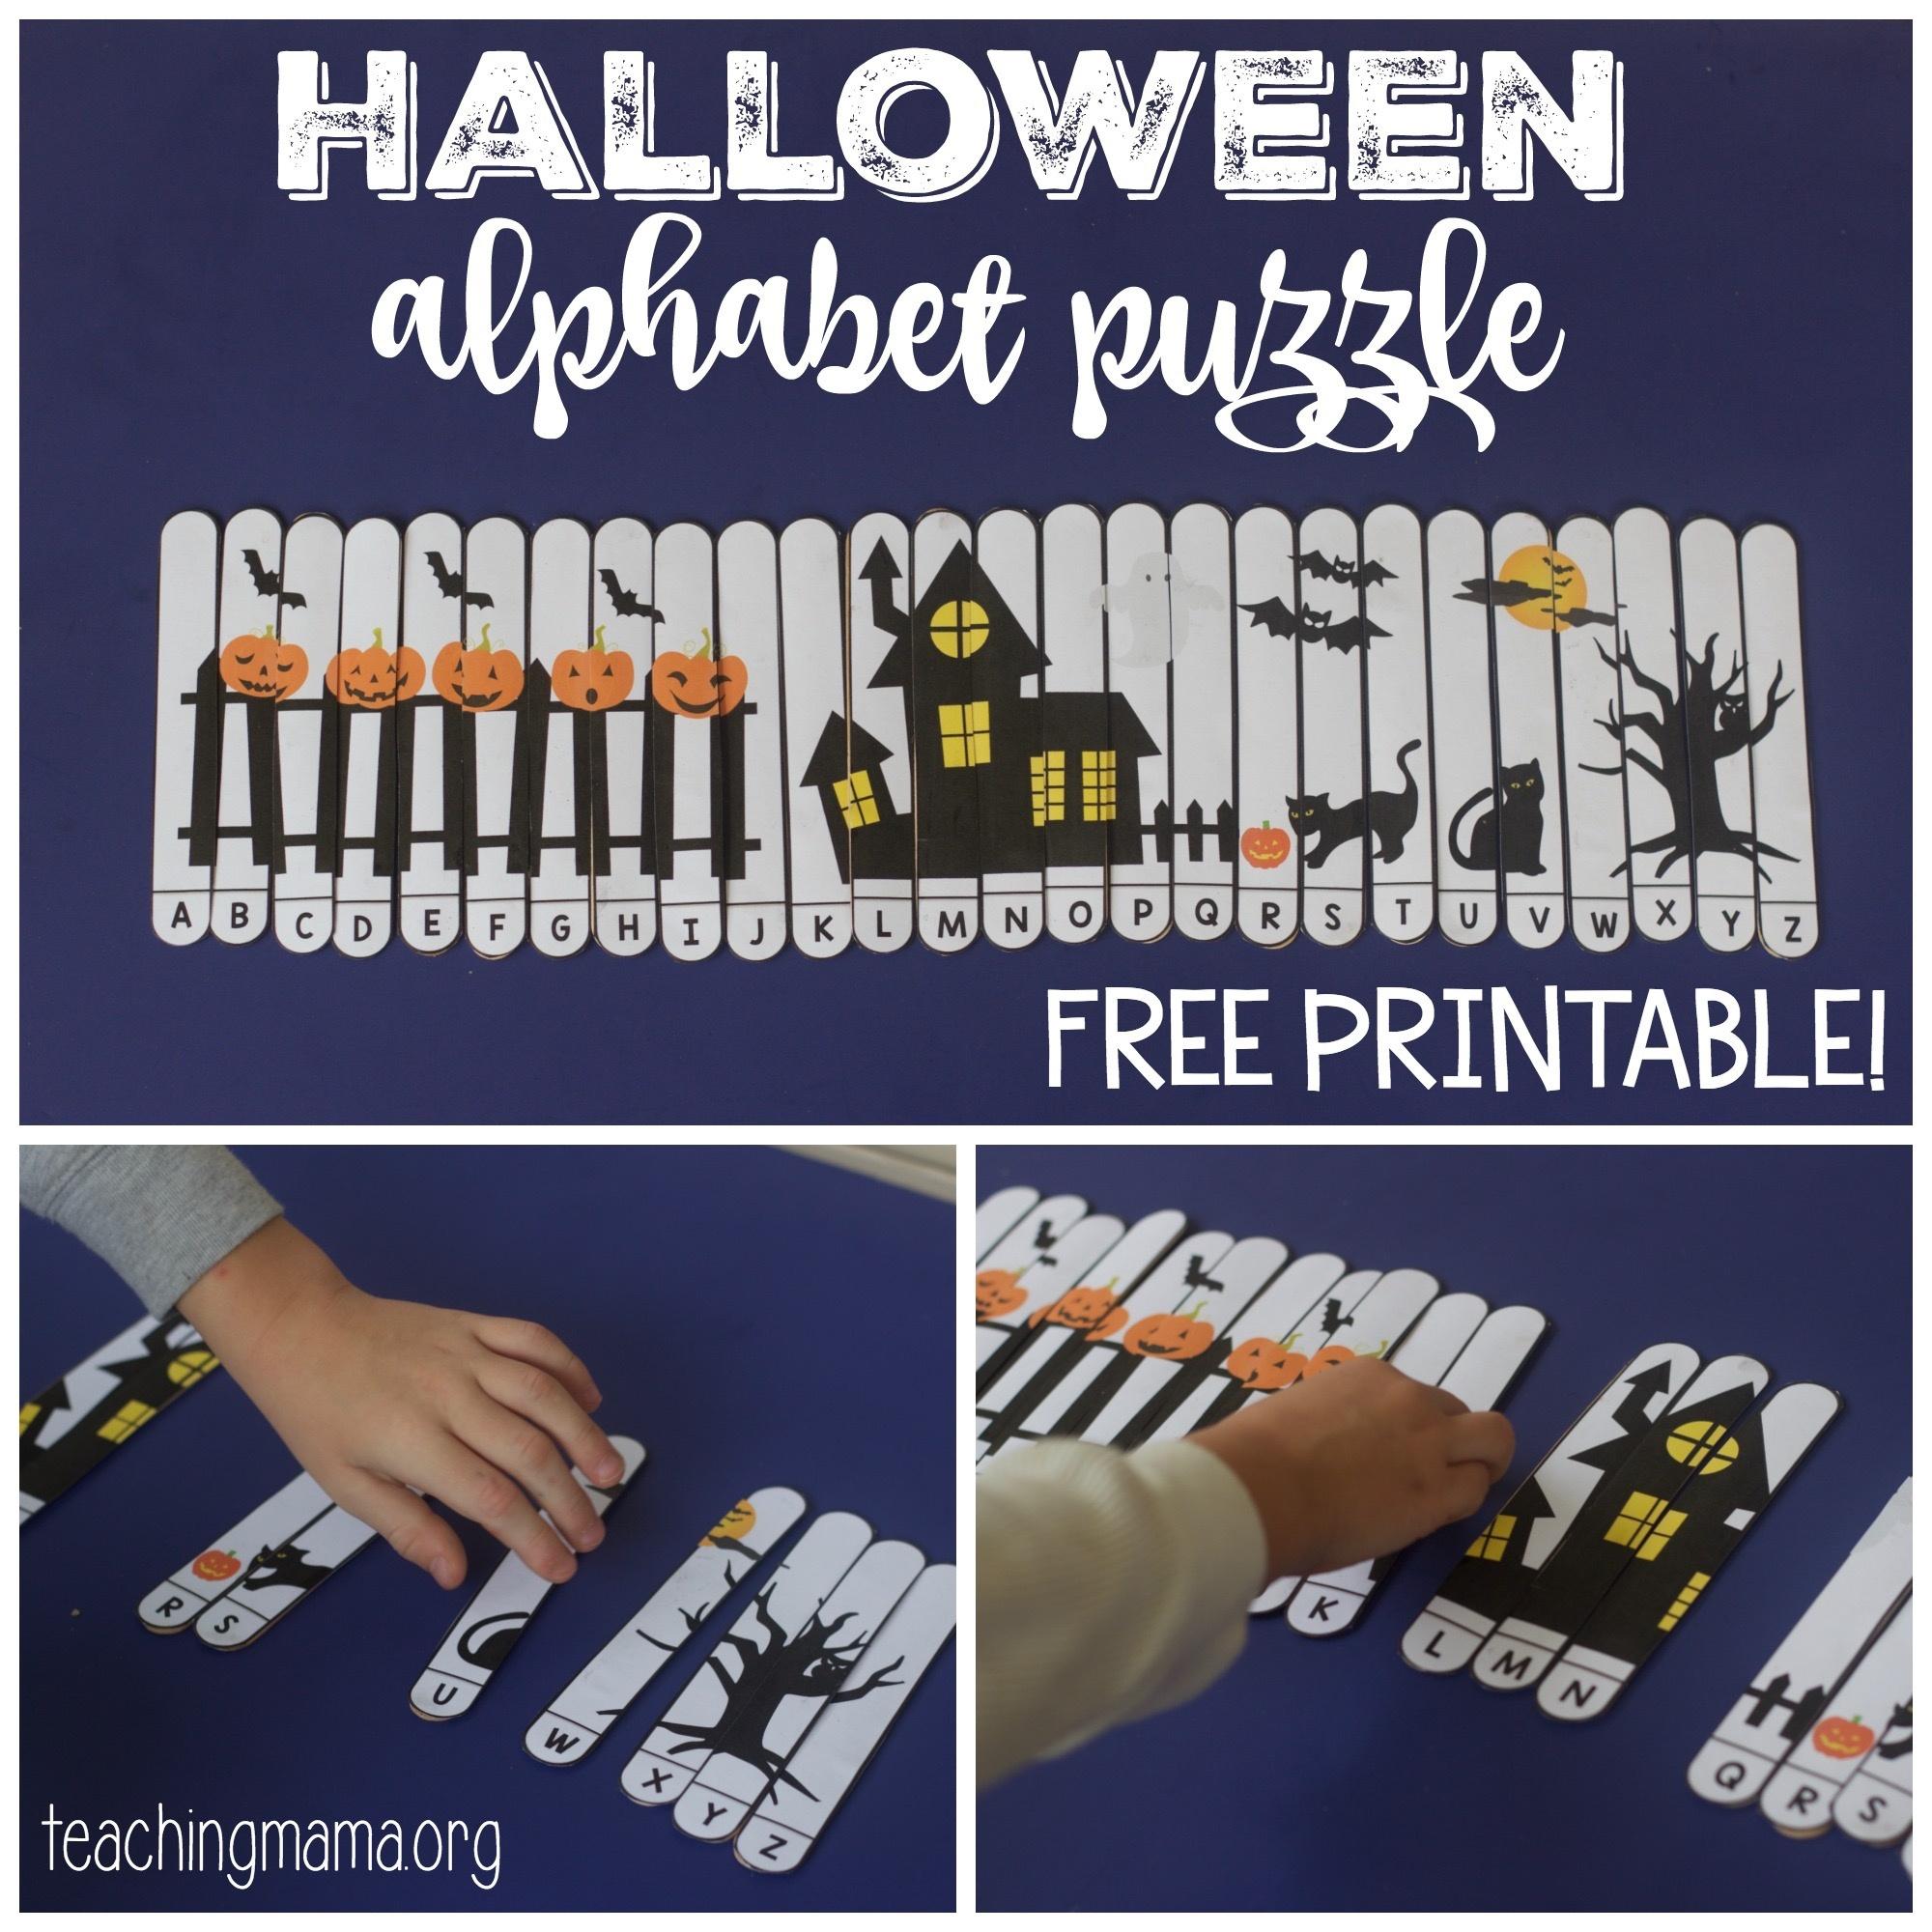 Halloween Alphabet Puzzle - Free Printable Alphabet Puzzles